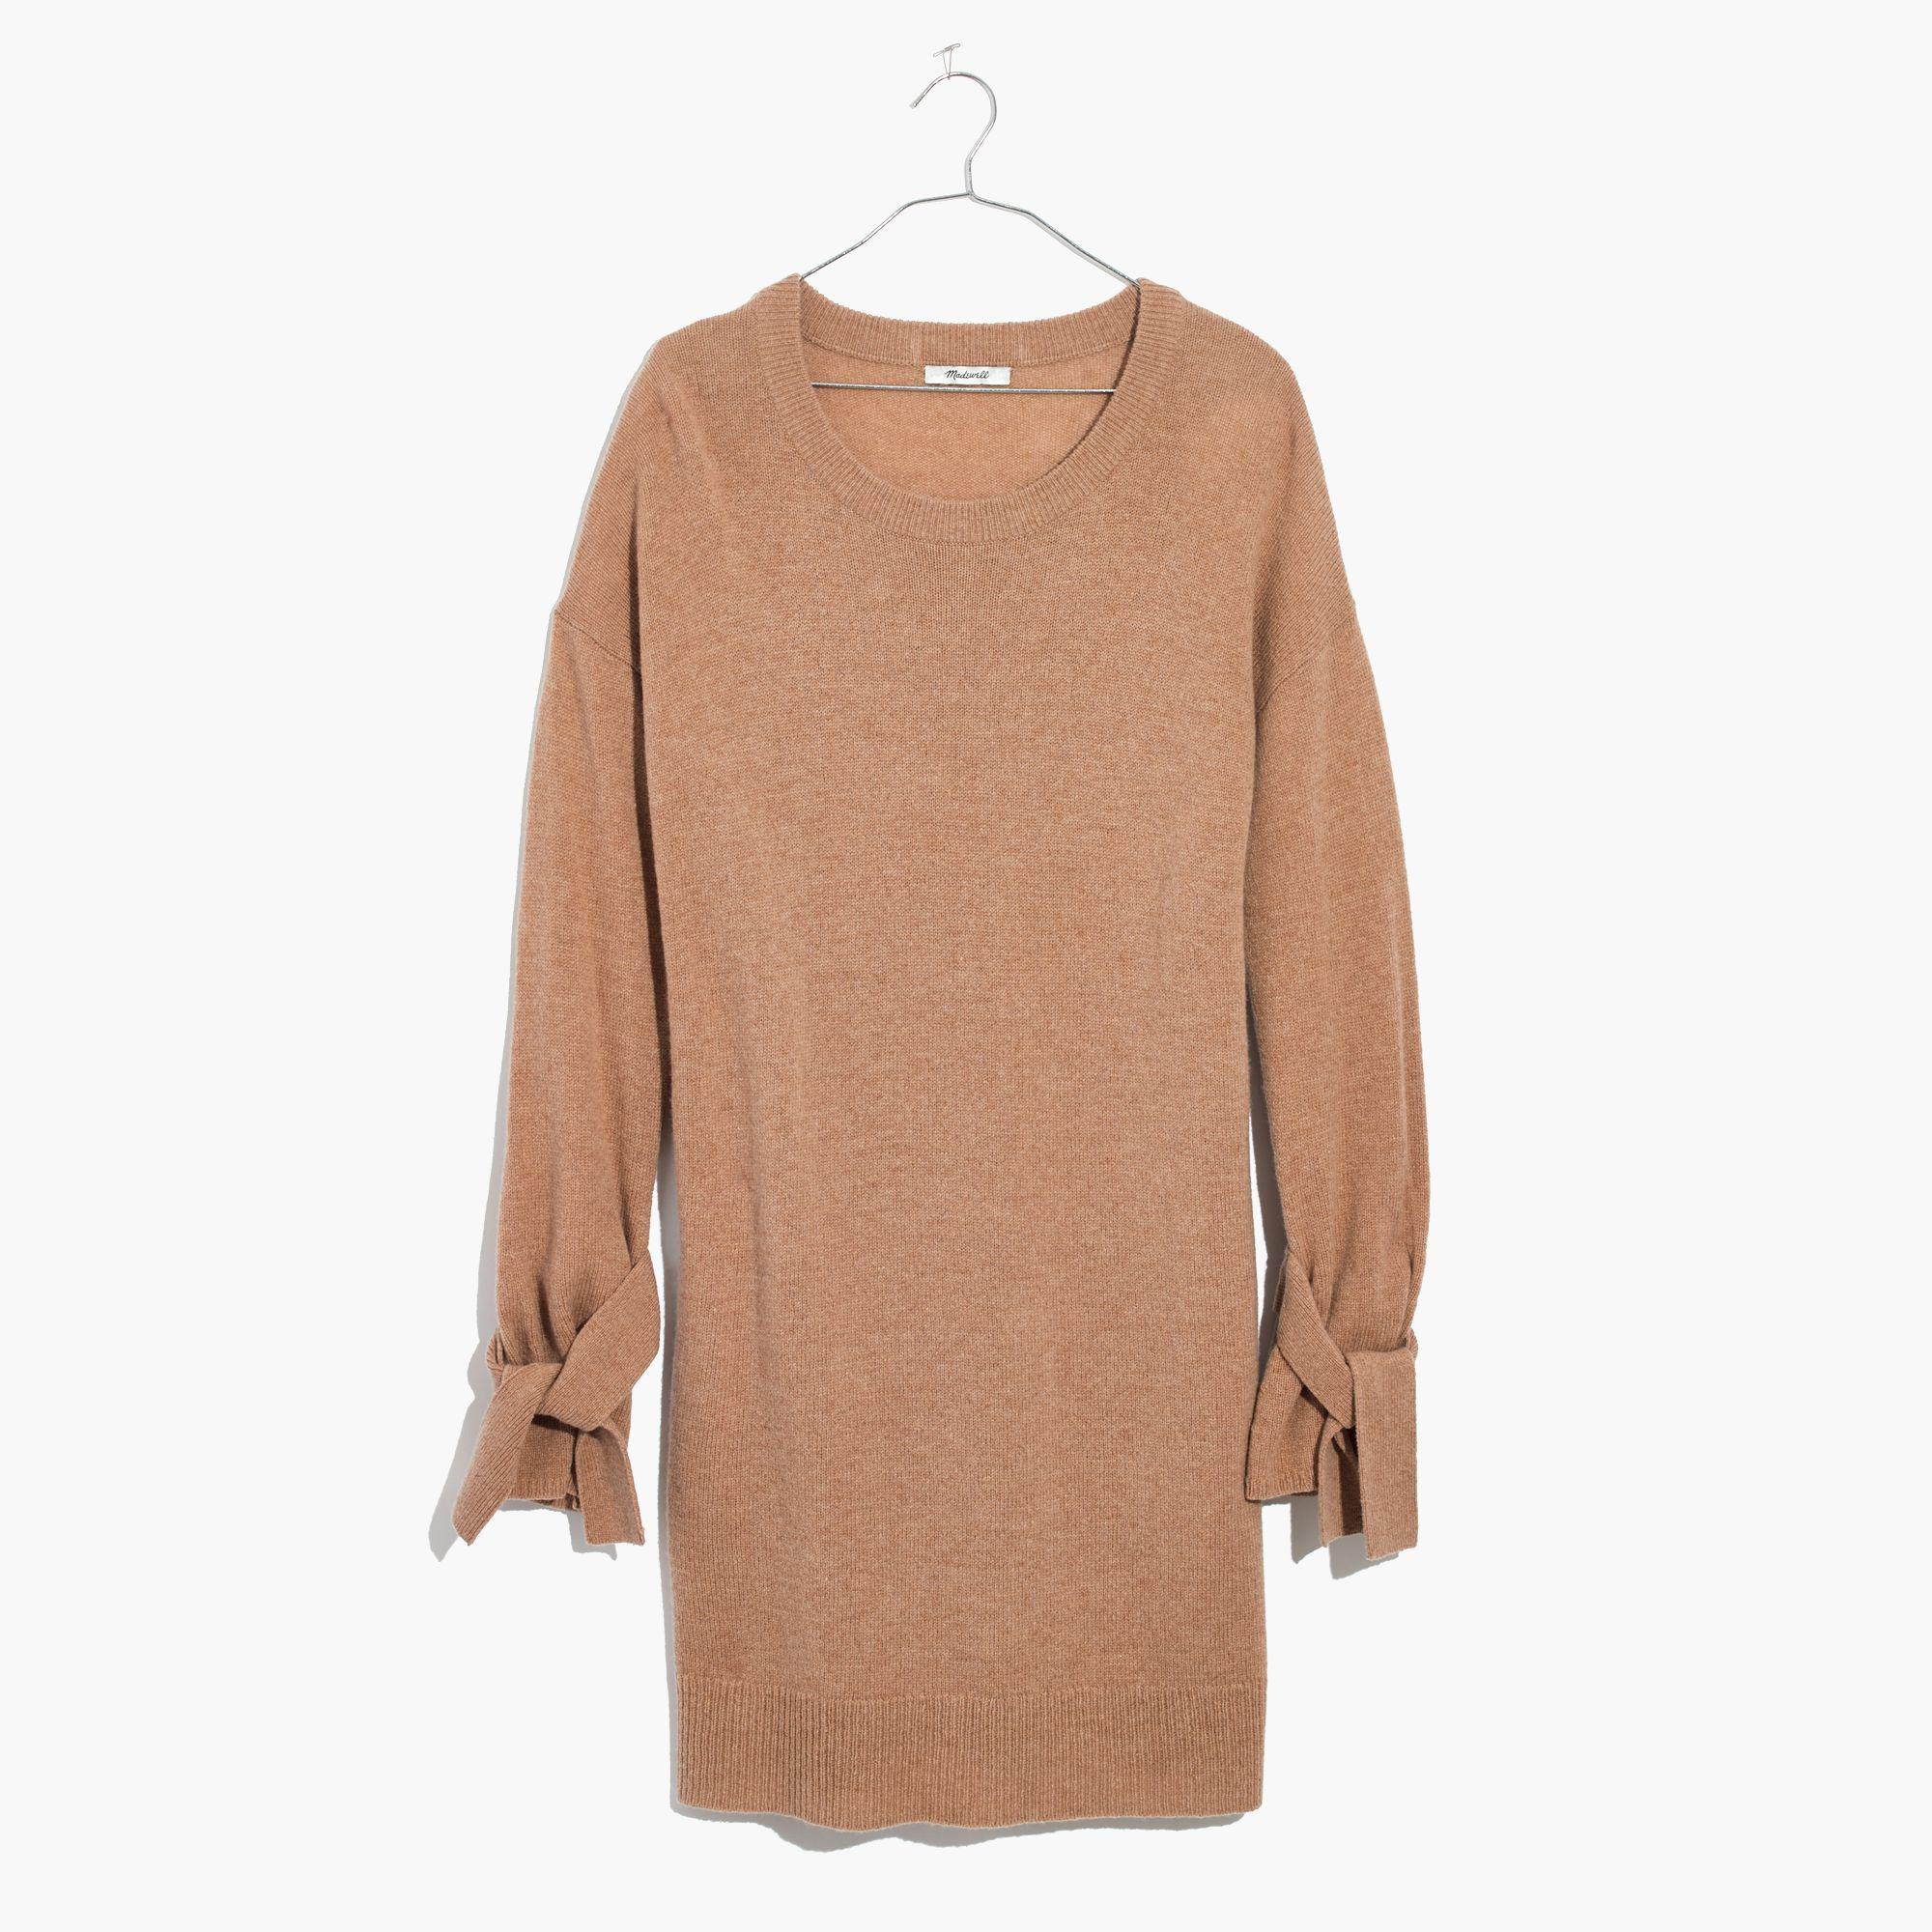 069c8d2f1b Madewell Tie-cuff Sweater-dress in Natural - Lyst